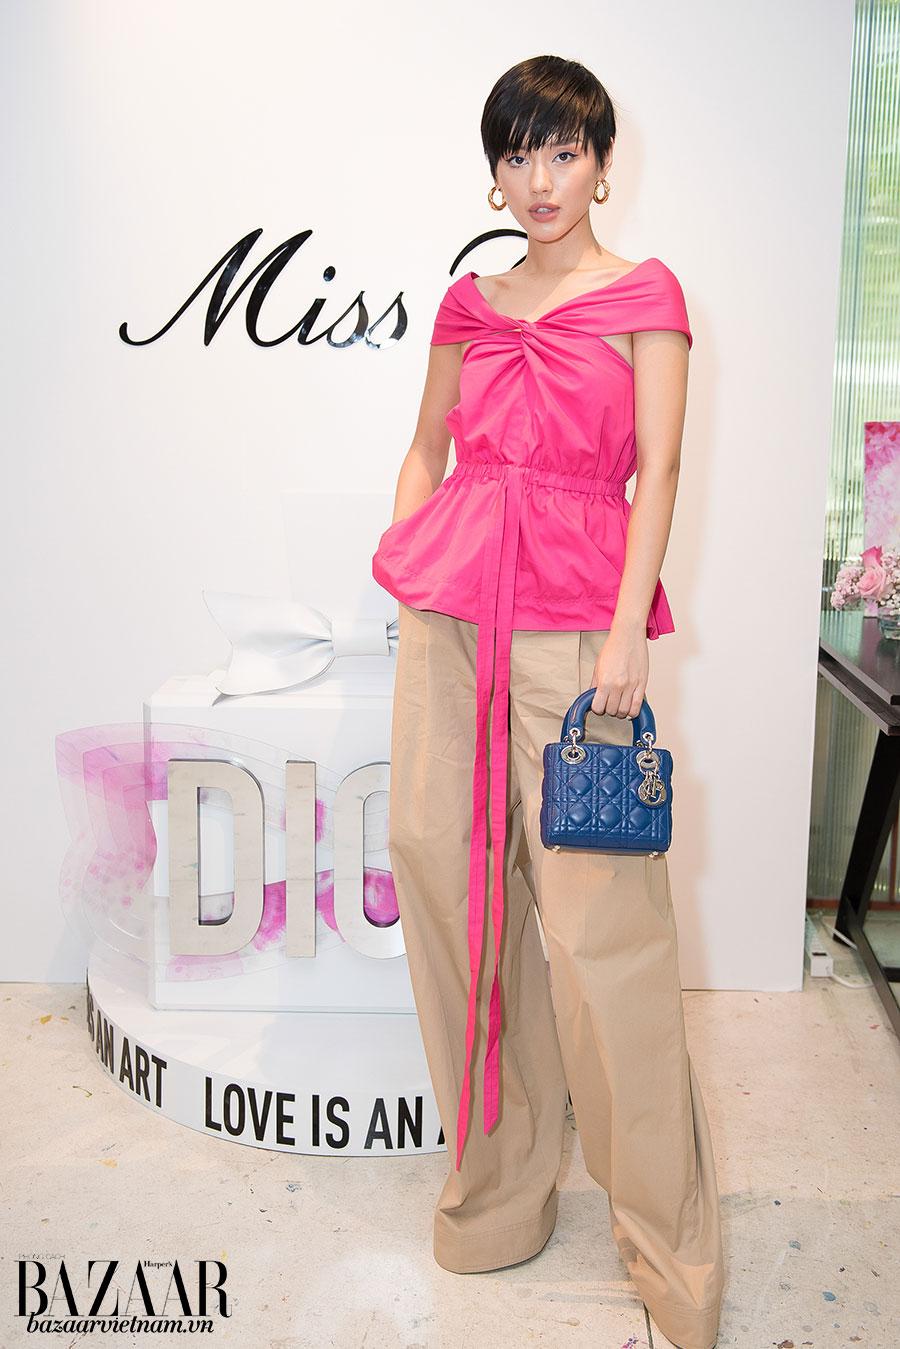 Khánh Linh The Face trông thật cá tính khi phối mái tóc tém ngắn, chiếc áo hồng rực cùng túi Lady Dior classic màu xanh biển theo phong cách color block.